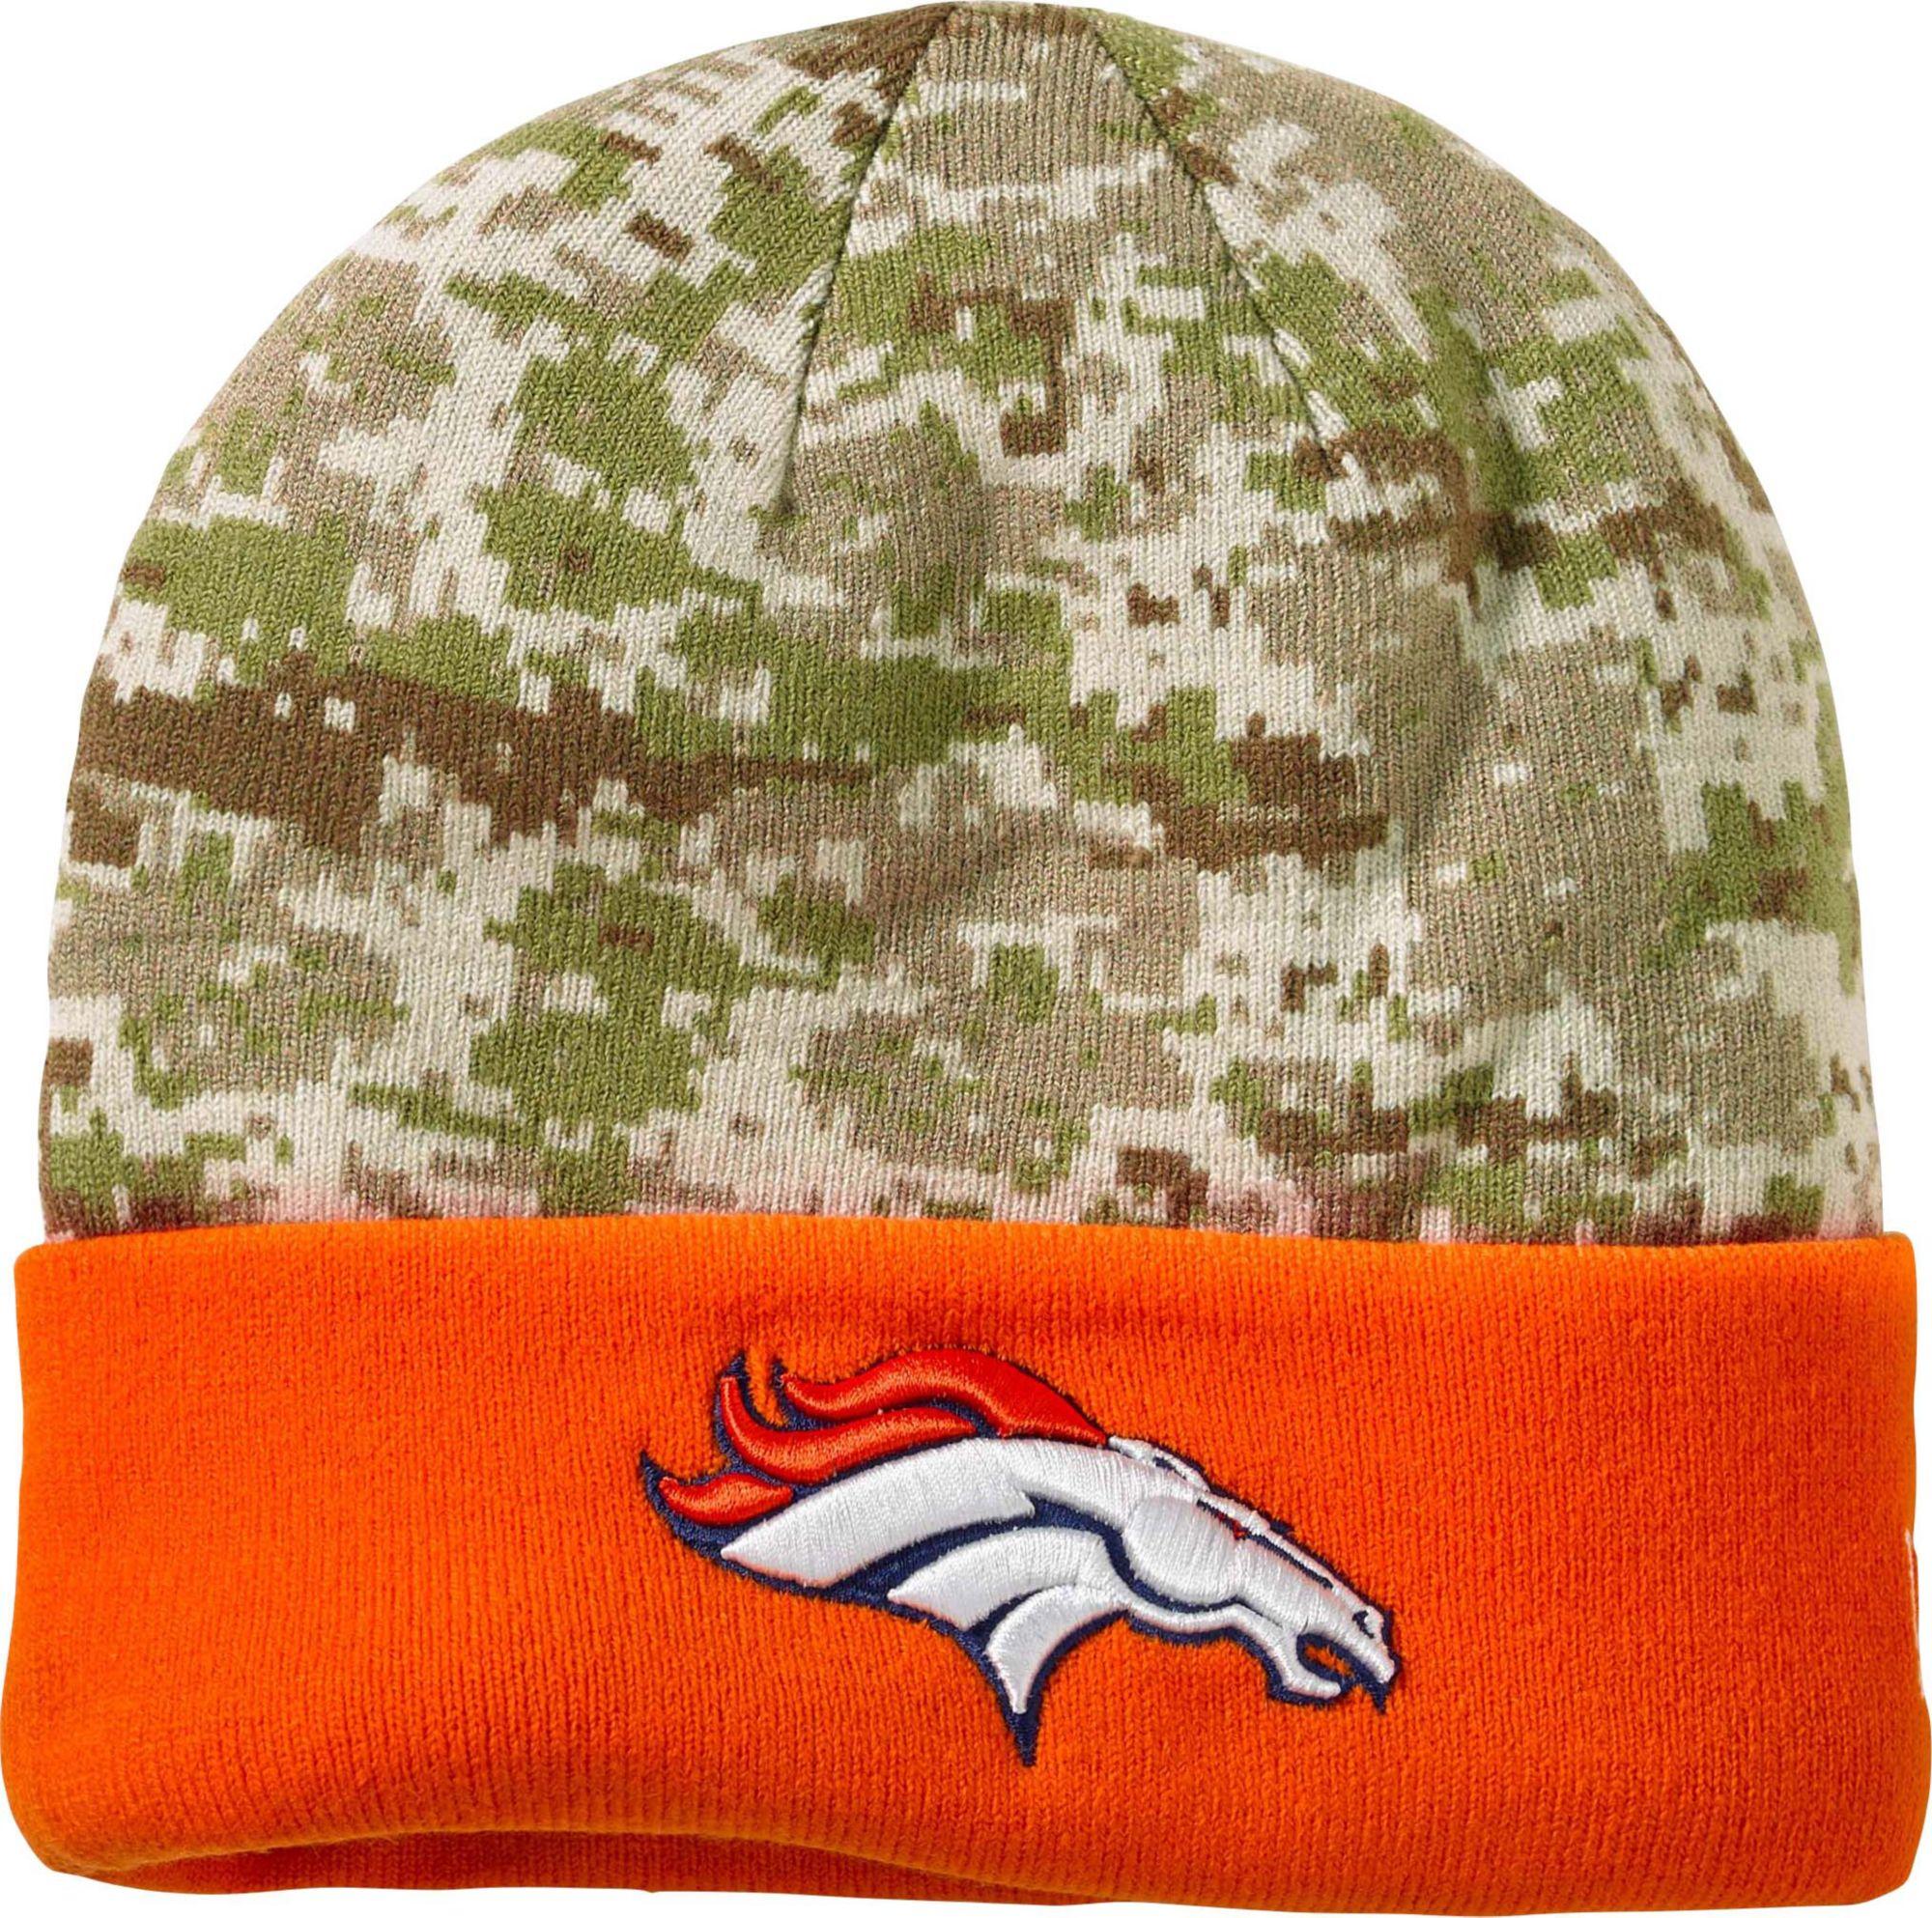 Knitting Pattern For Nfl Hats : Denver Broncos NFL Camo Knit Hat Legendary Whitetails